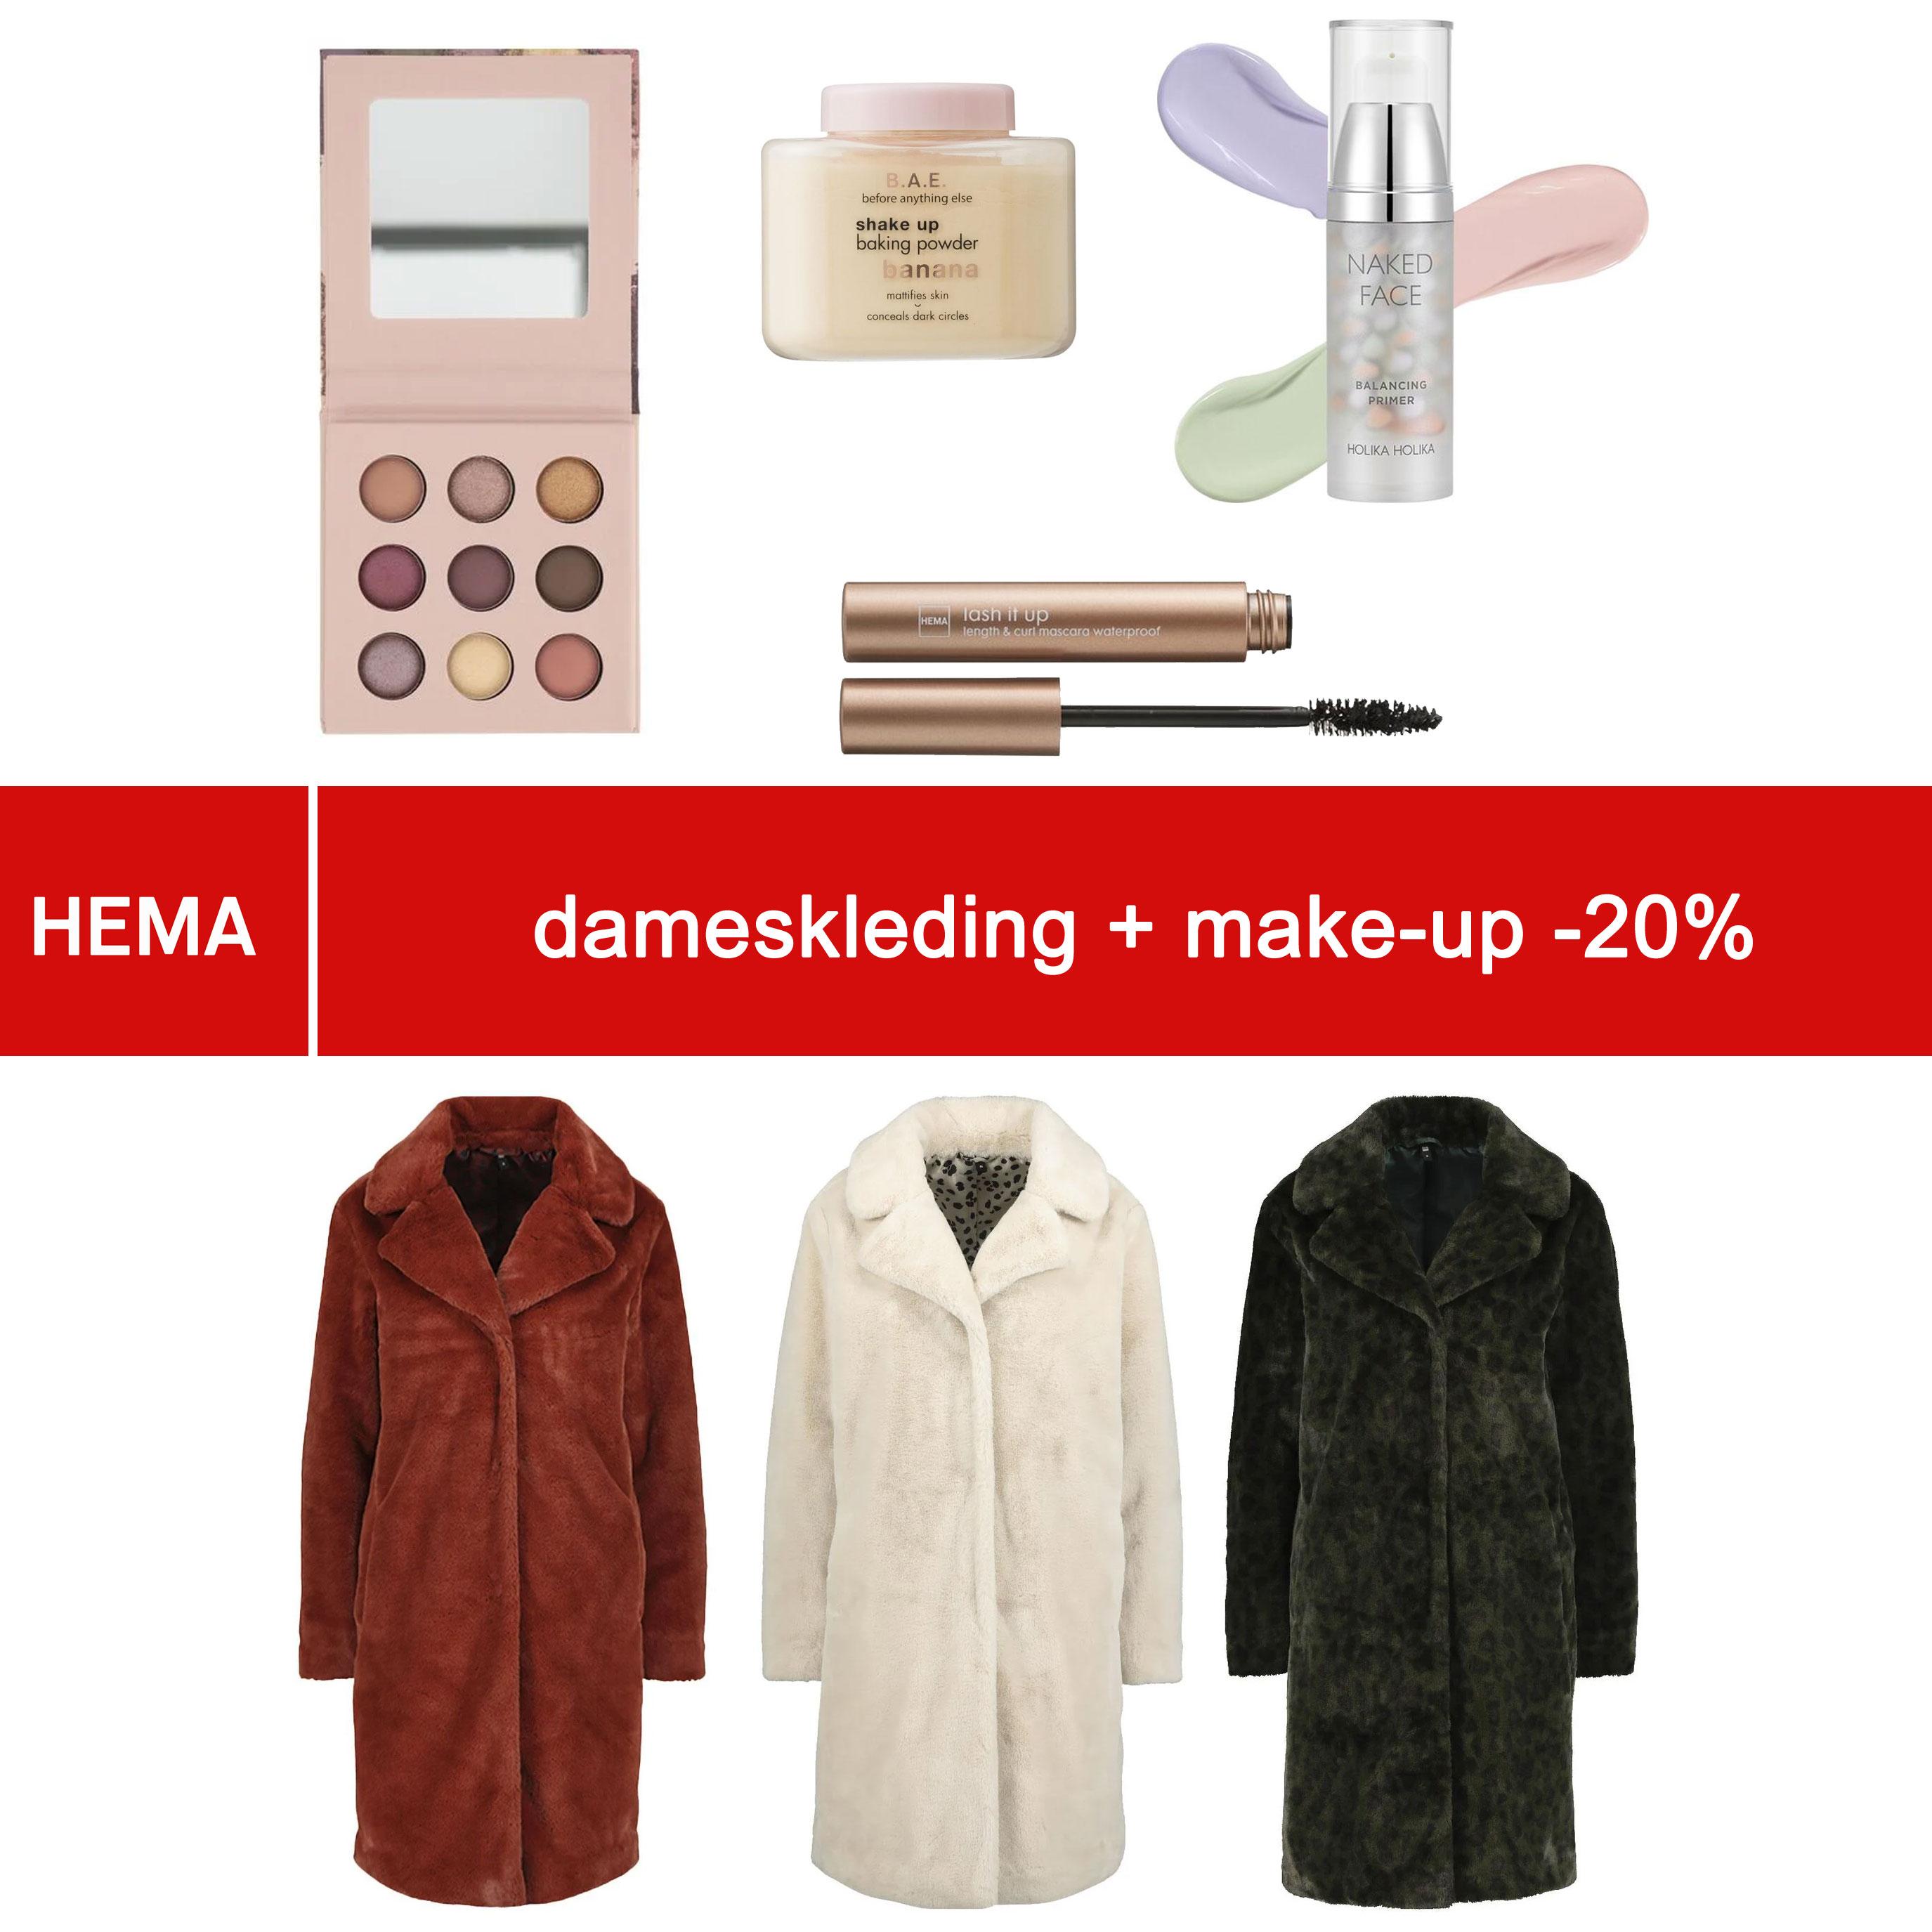 Glamourday: 20% korting op damesmode + make-up @ HEMA